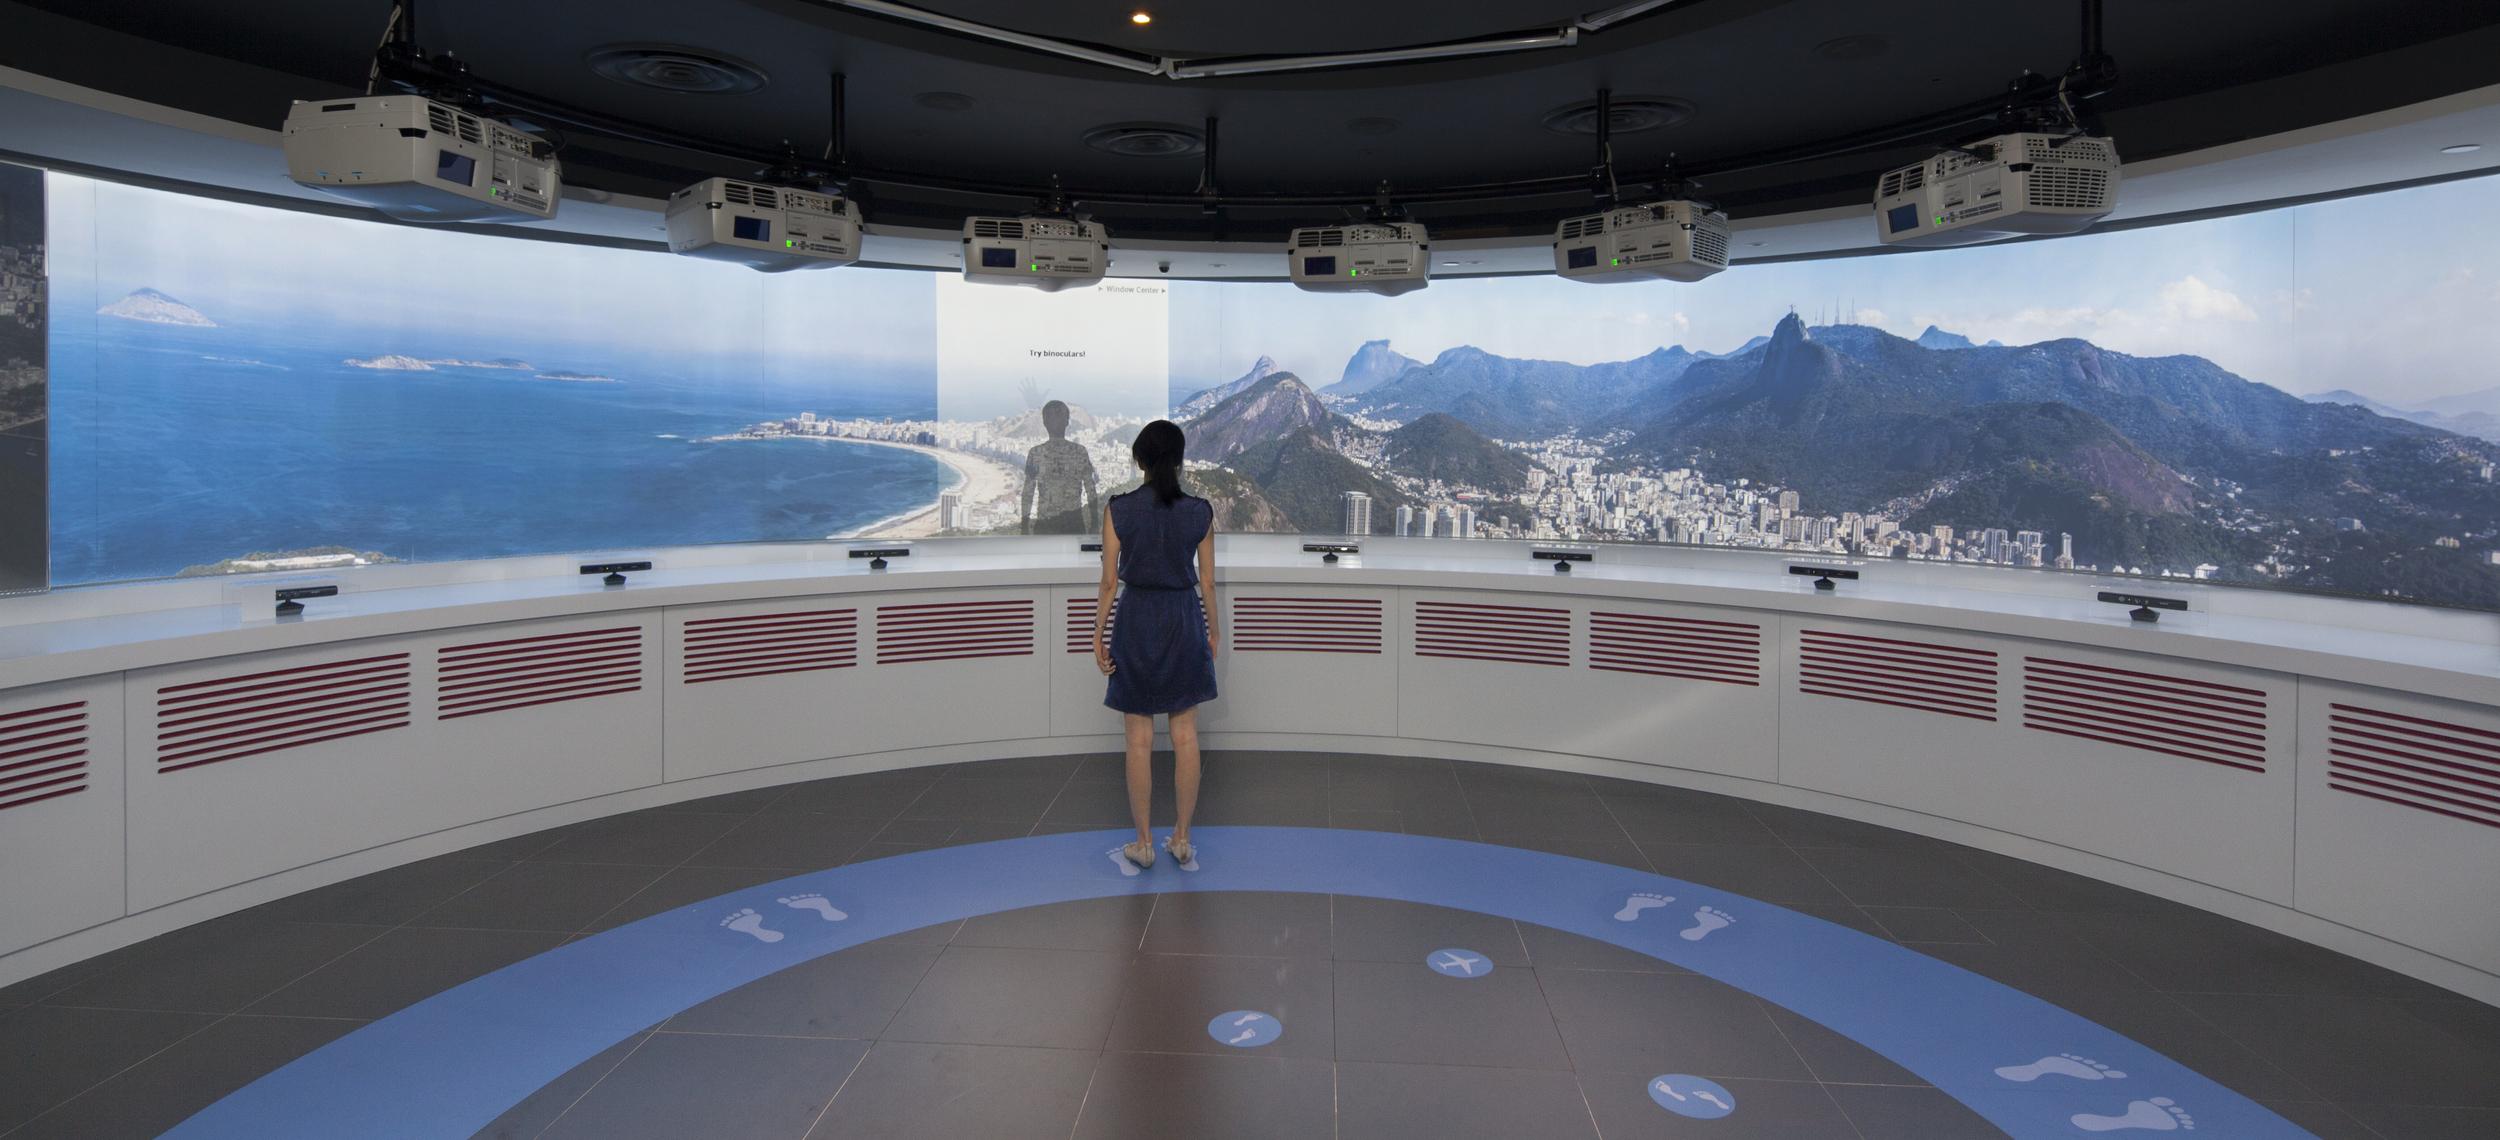 14m concave multiuser display